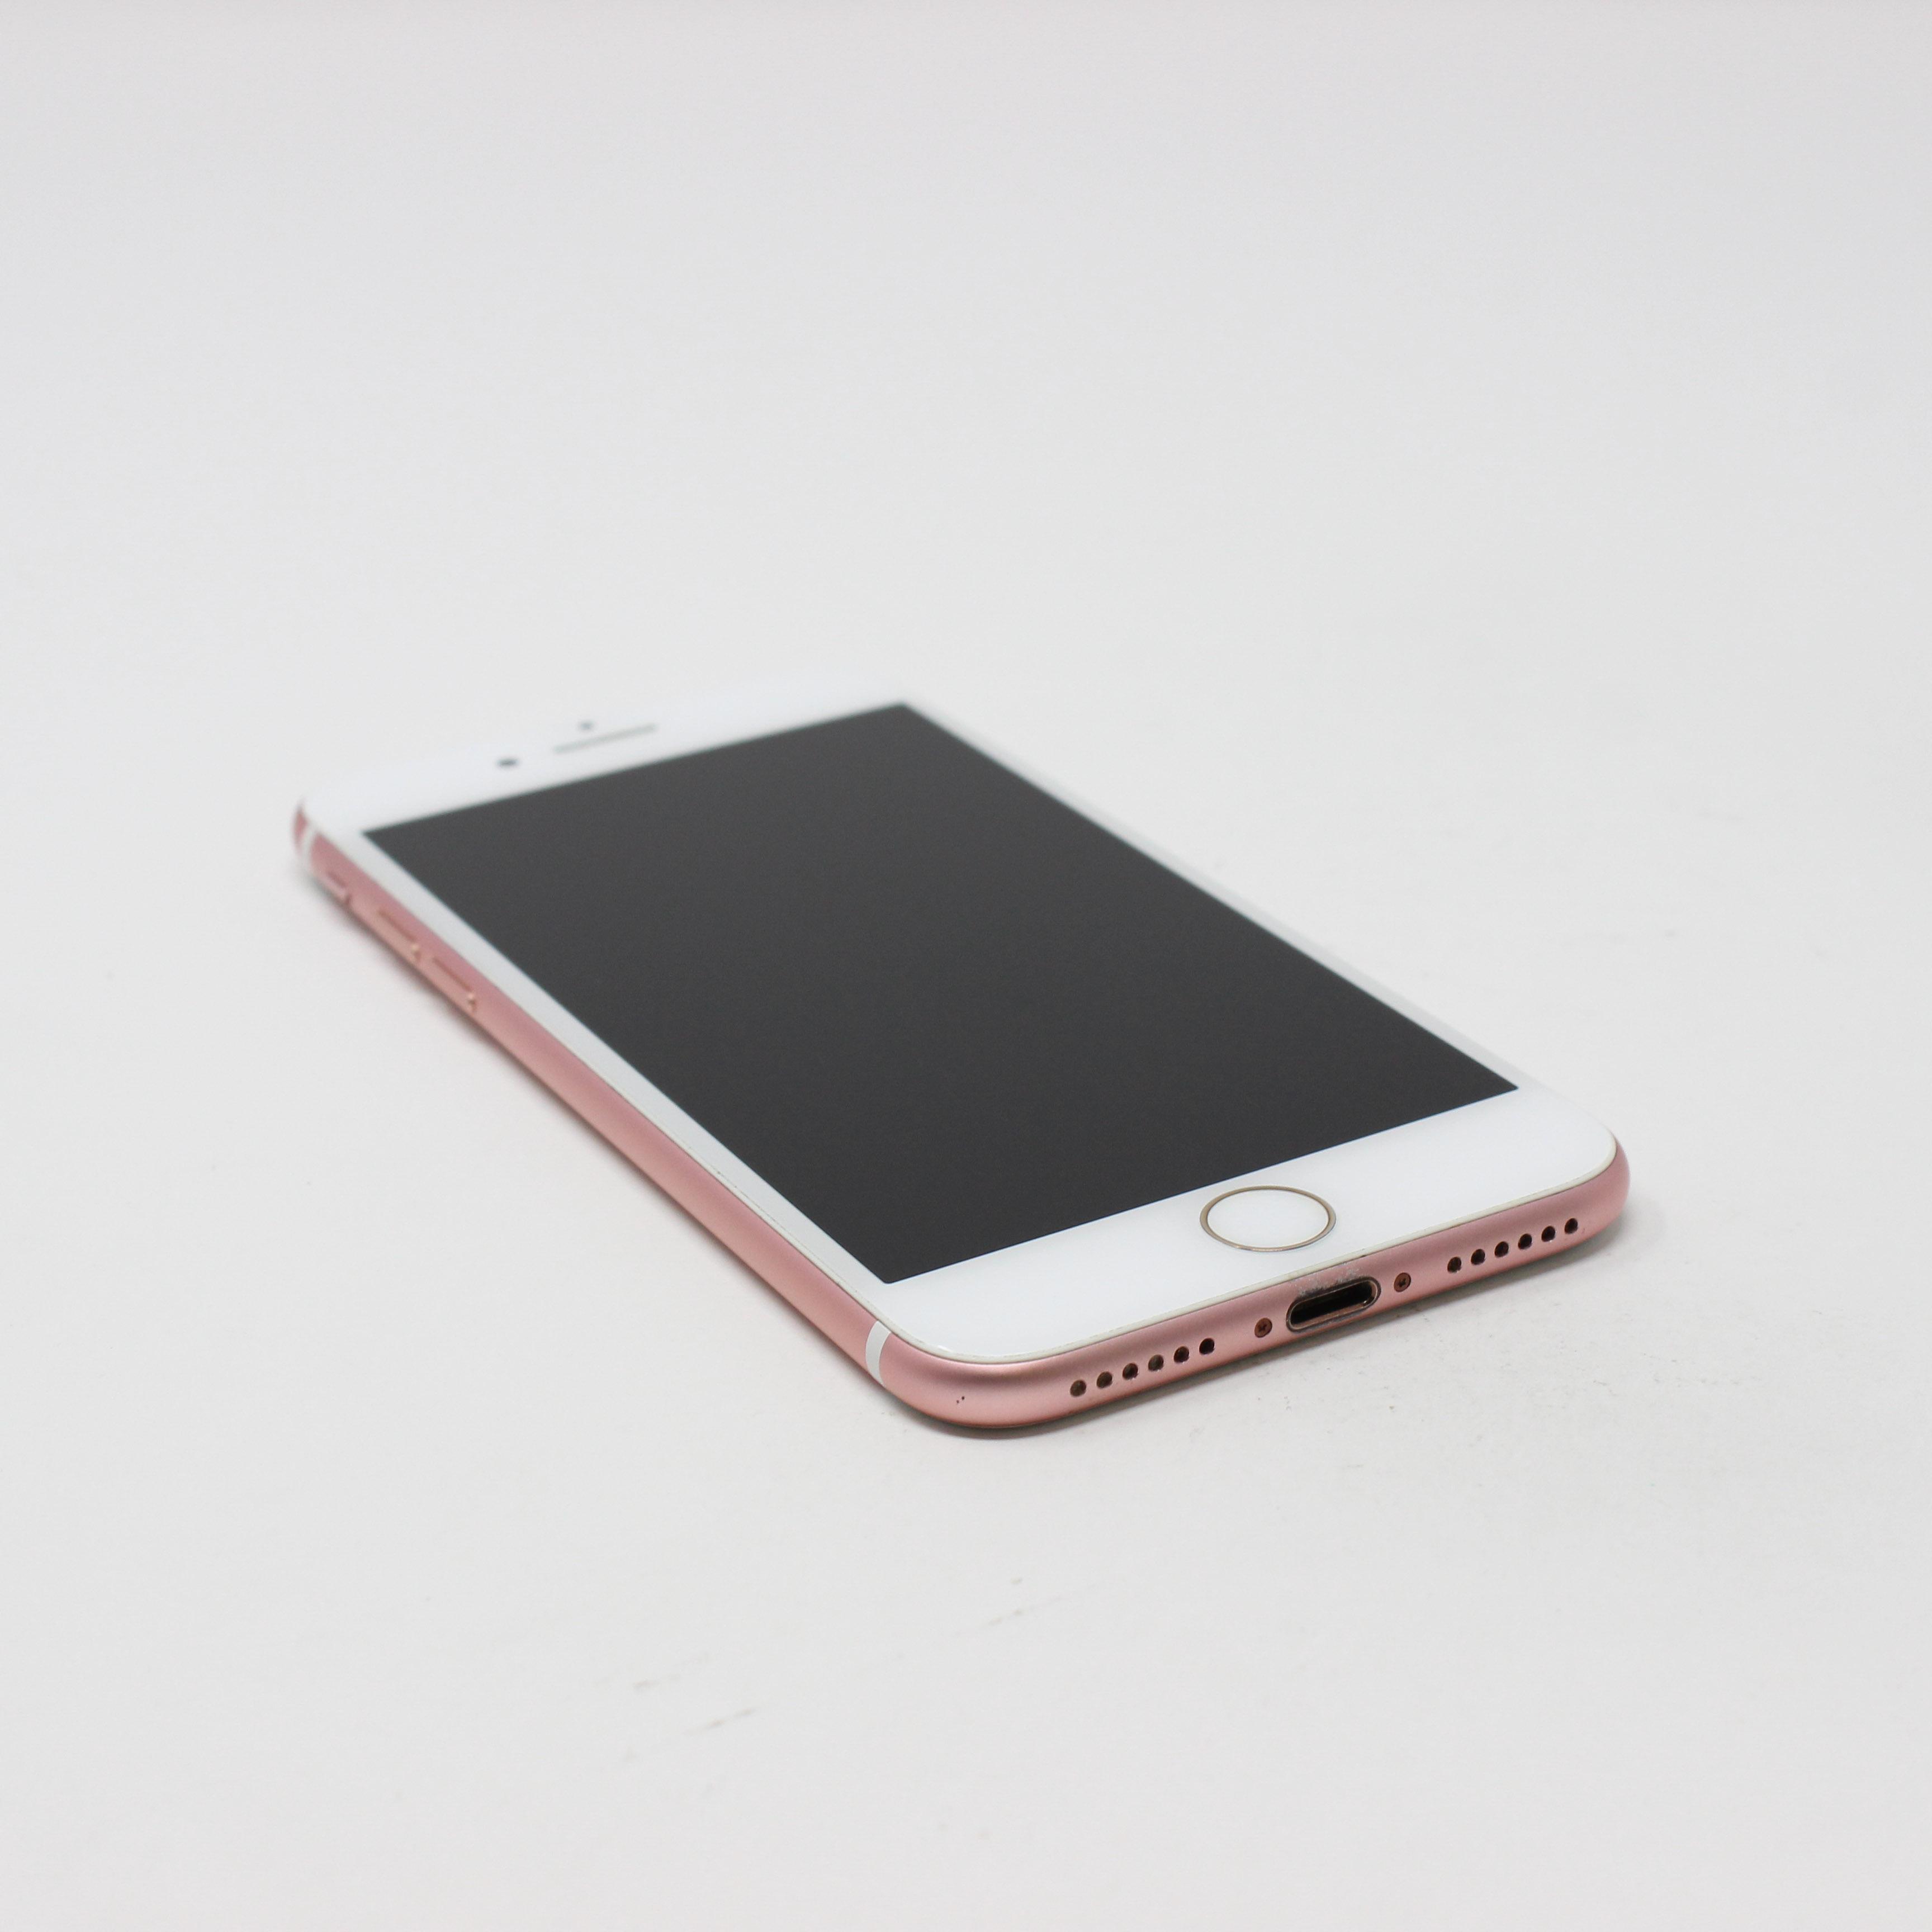 iPhone 7 32GB Rose Gold - Verizon photo 5   UpTradeit.com